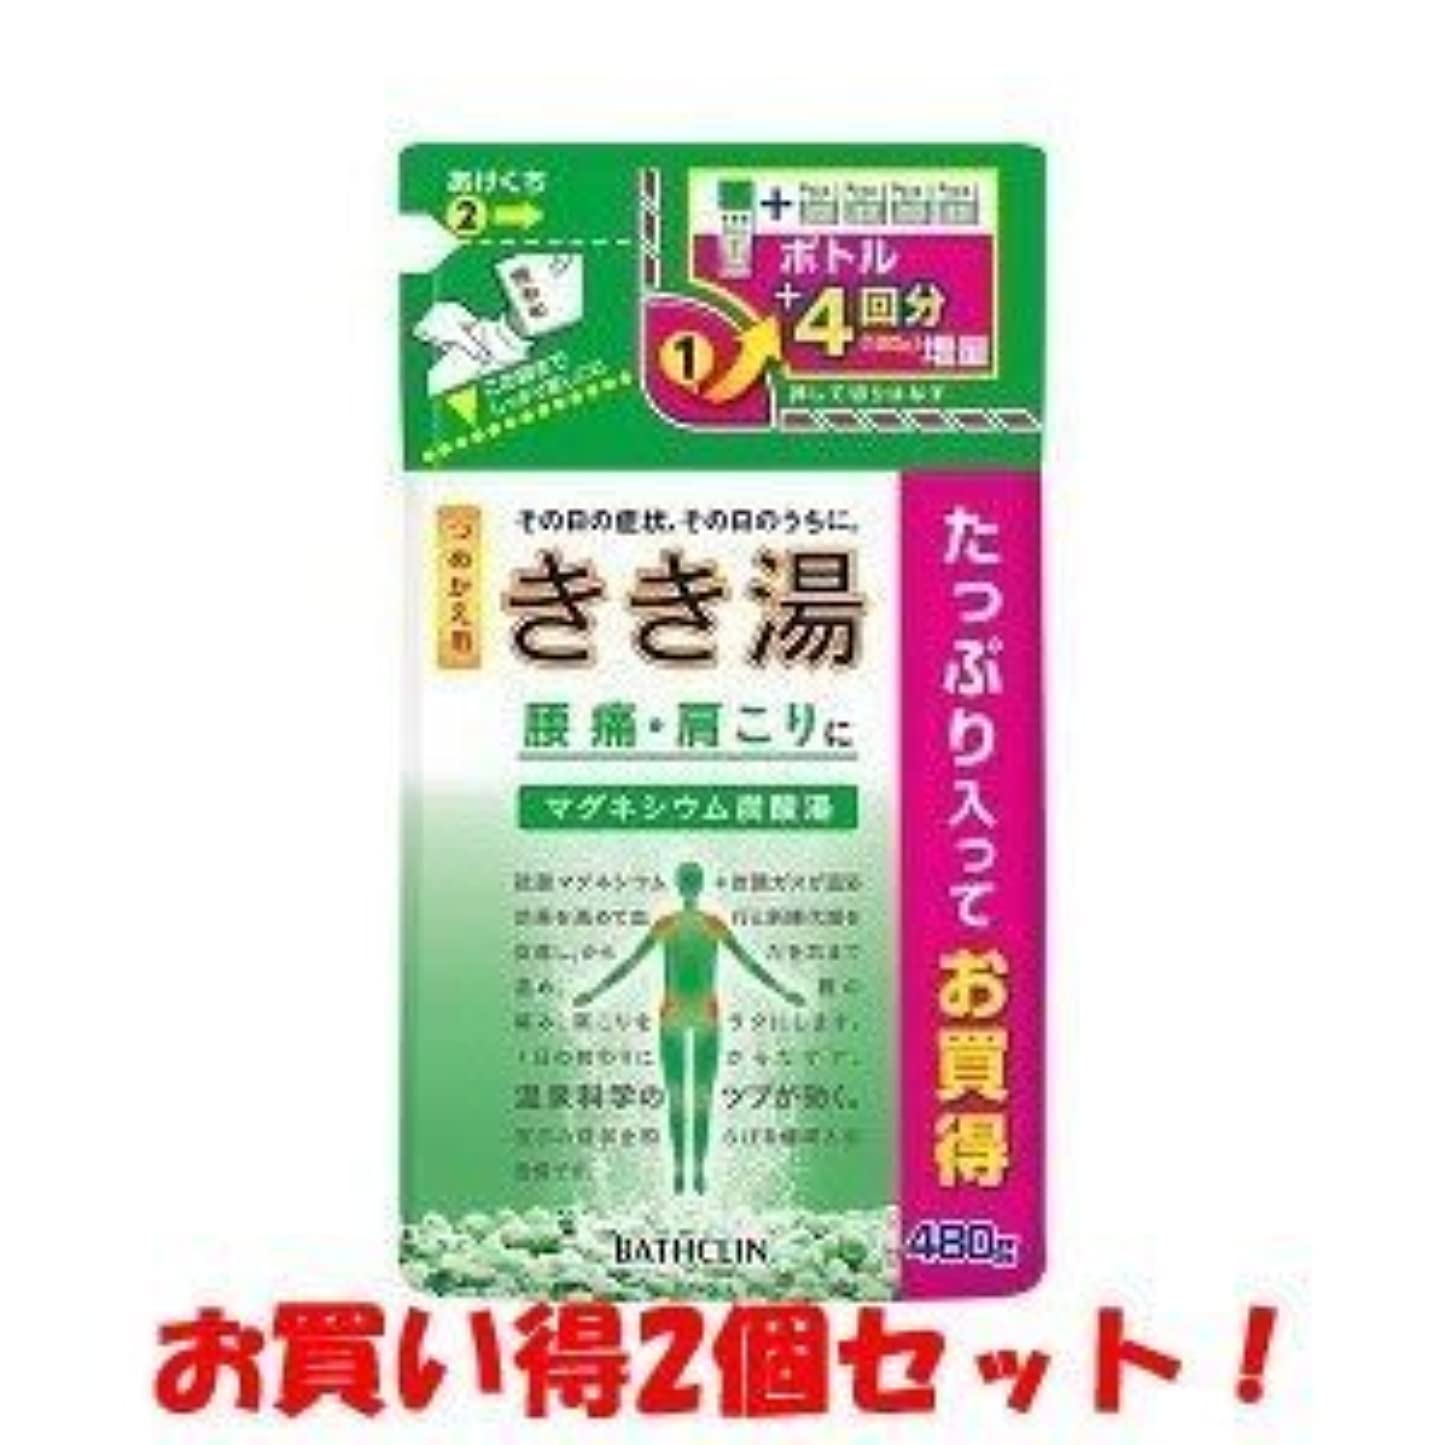 ウェイターガードアコー(バスクリン)きき湯 マグネシウム炭酸湯 つめかえ用 480g(医薬部外品)(お買い得2個セット)